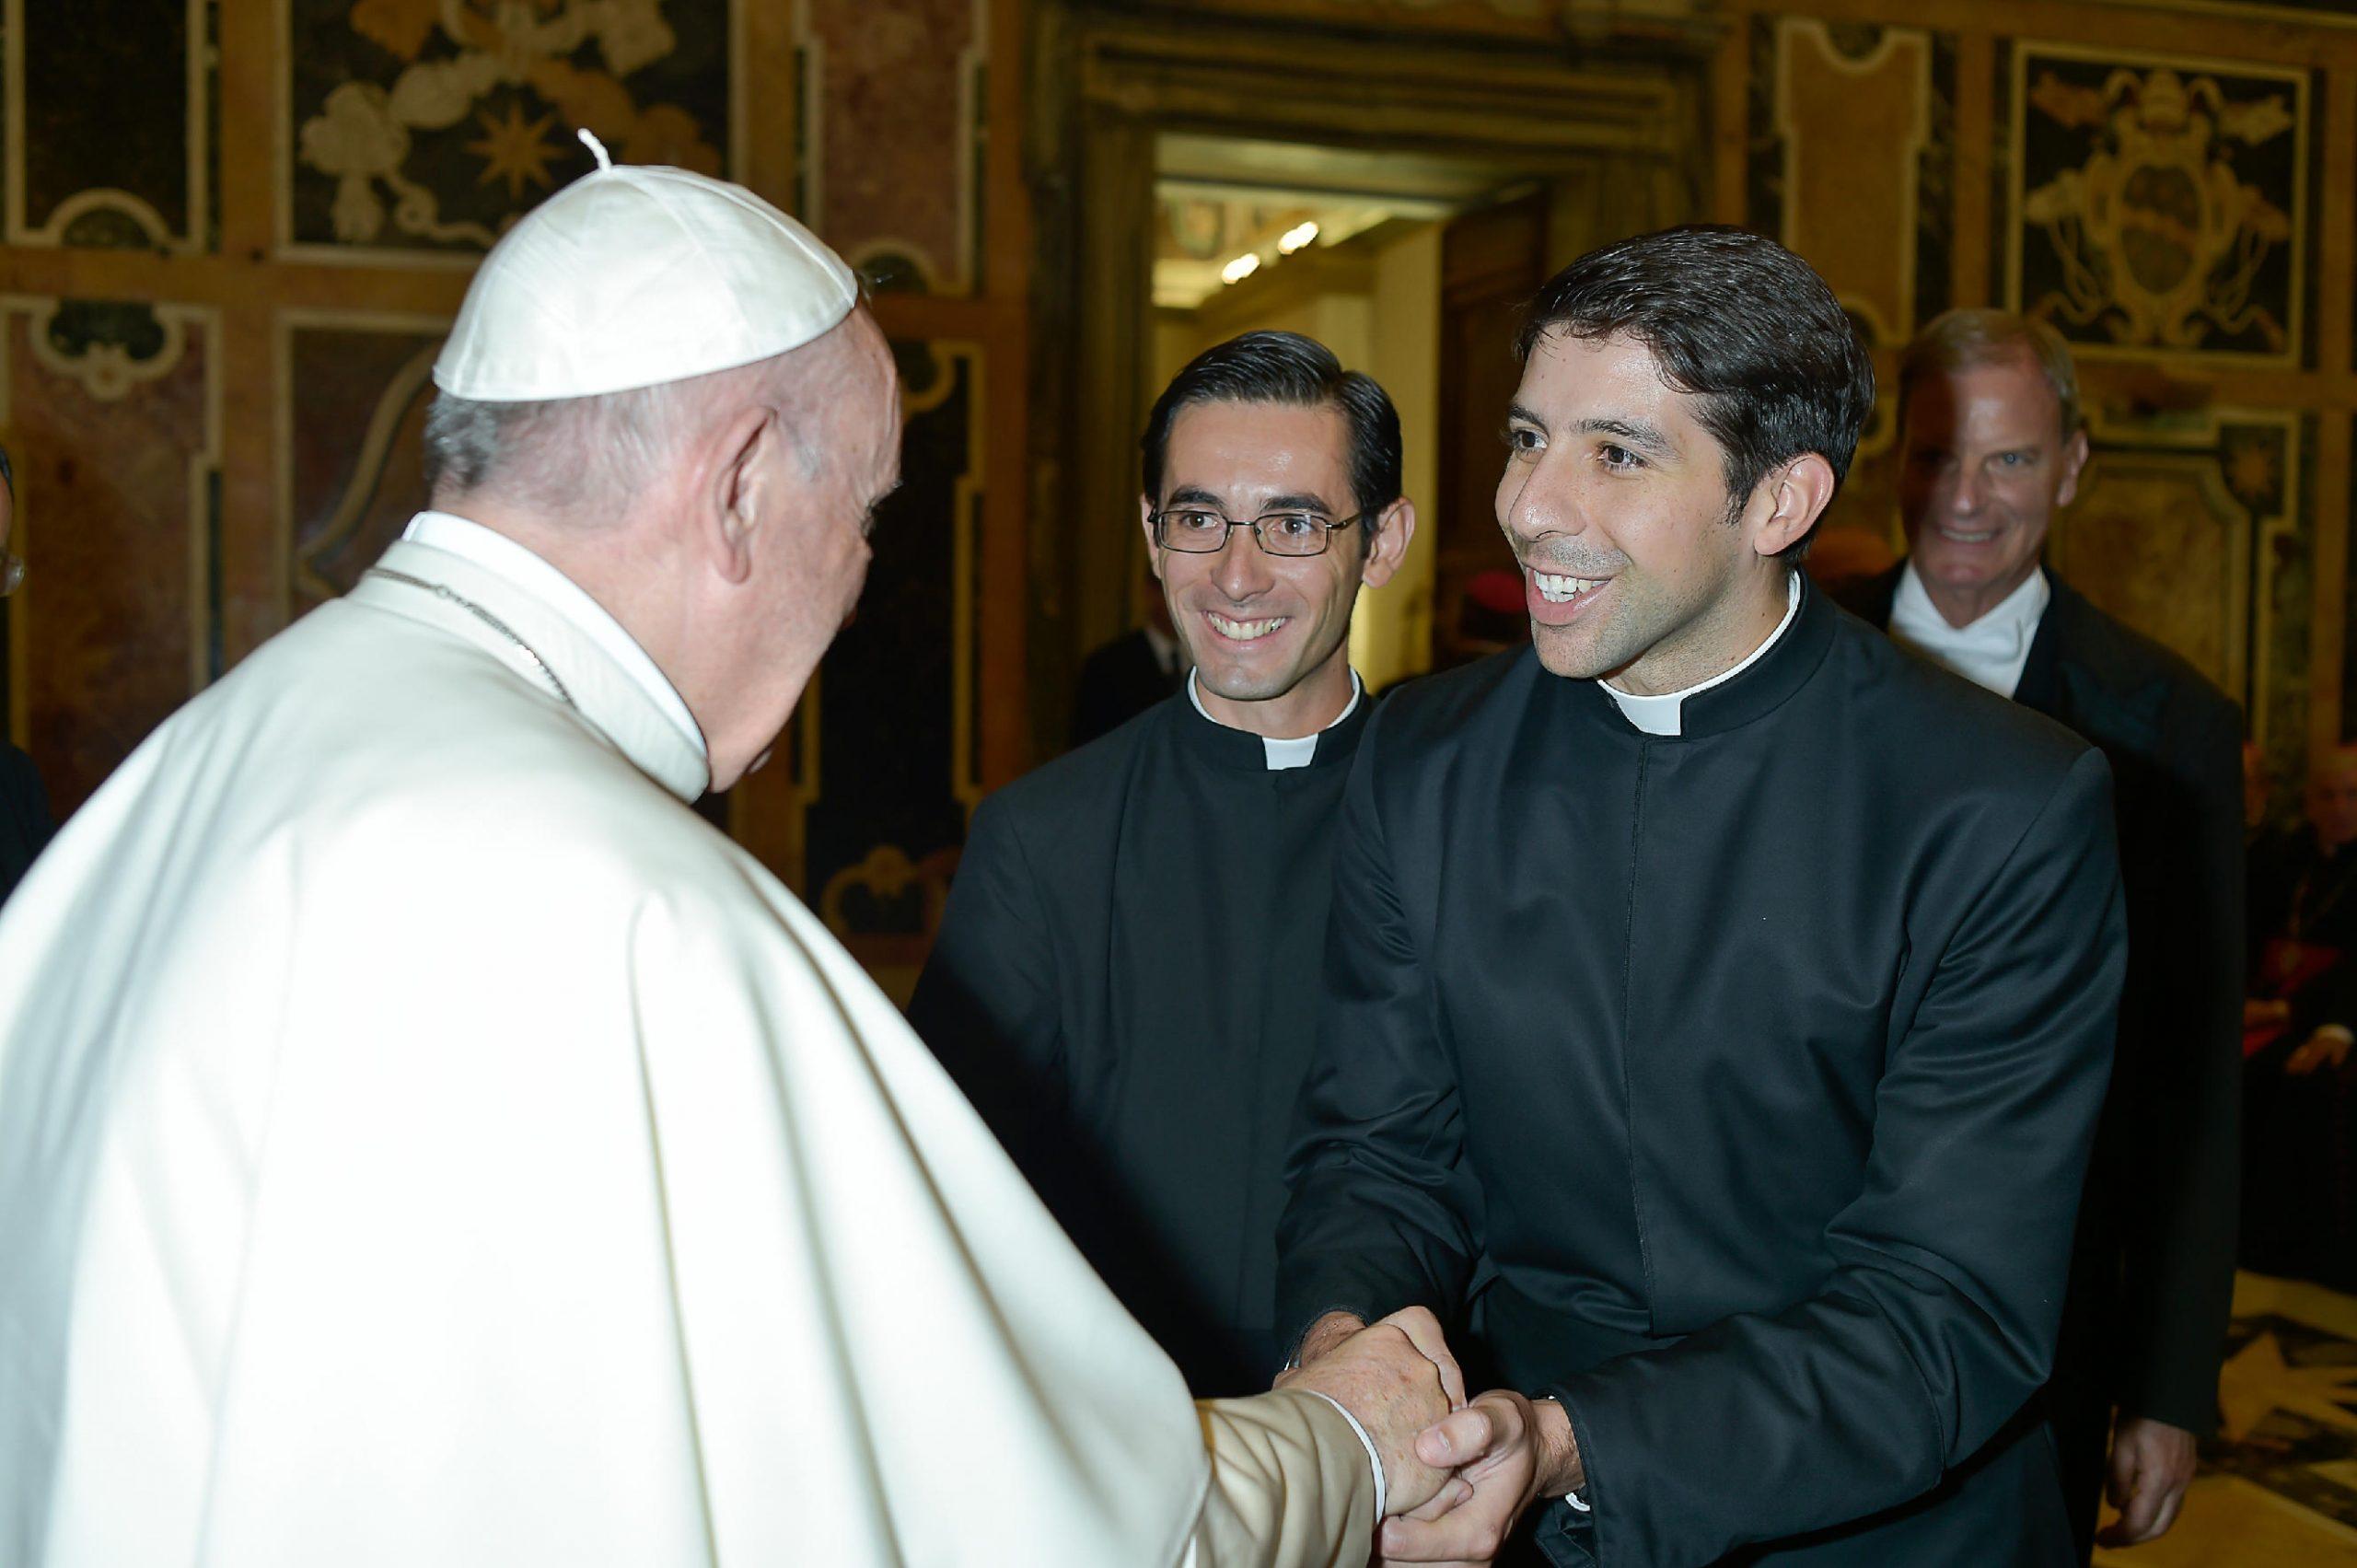 El P. Francisco Xavier Gutiérrez, LC, saludando al Papa Francisco